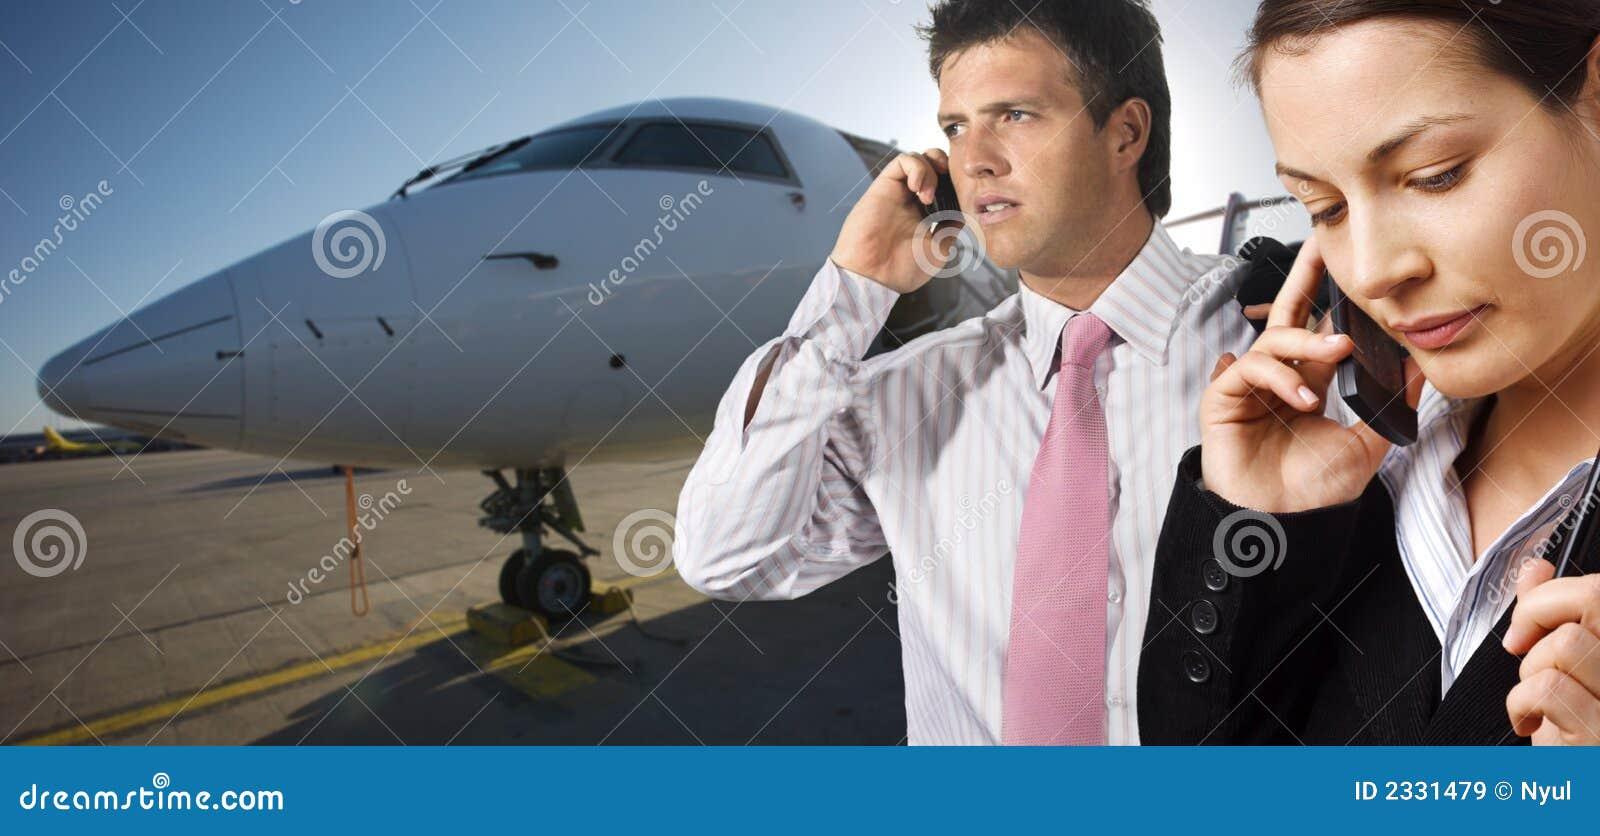 Jet corporativo